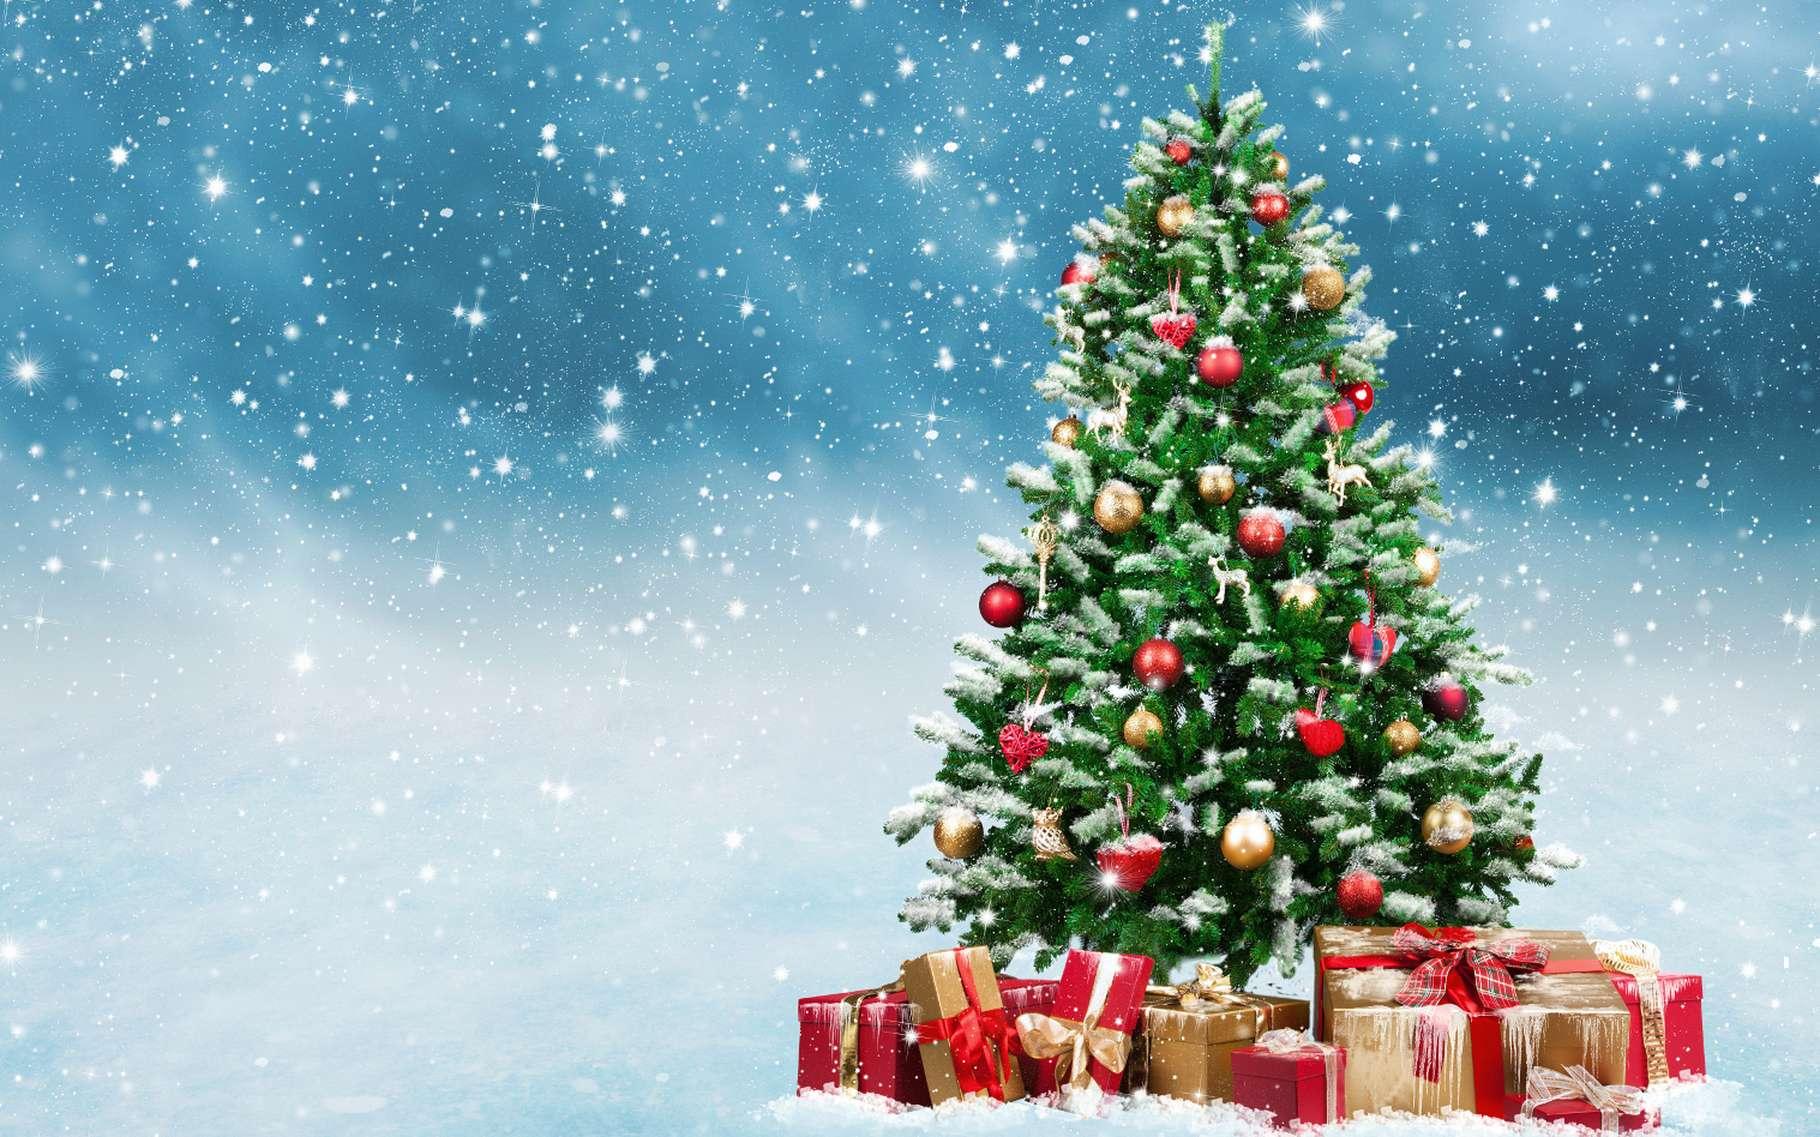 Doù Vient Le Sapin De Noël La Lumière De Noël